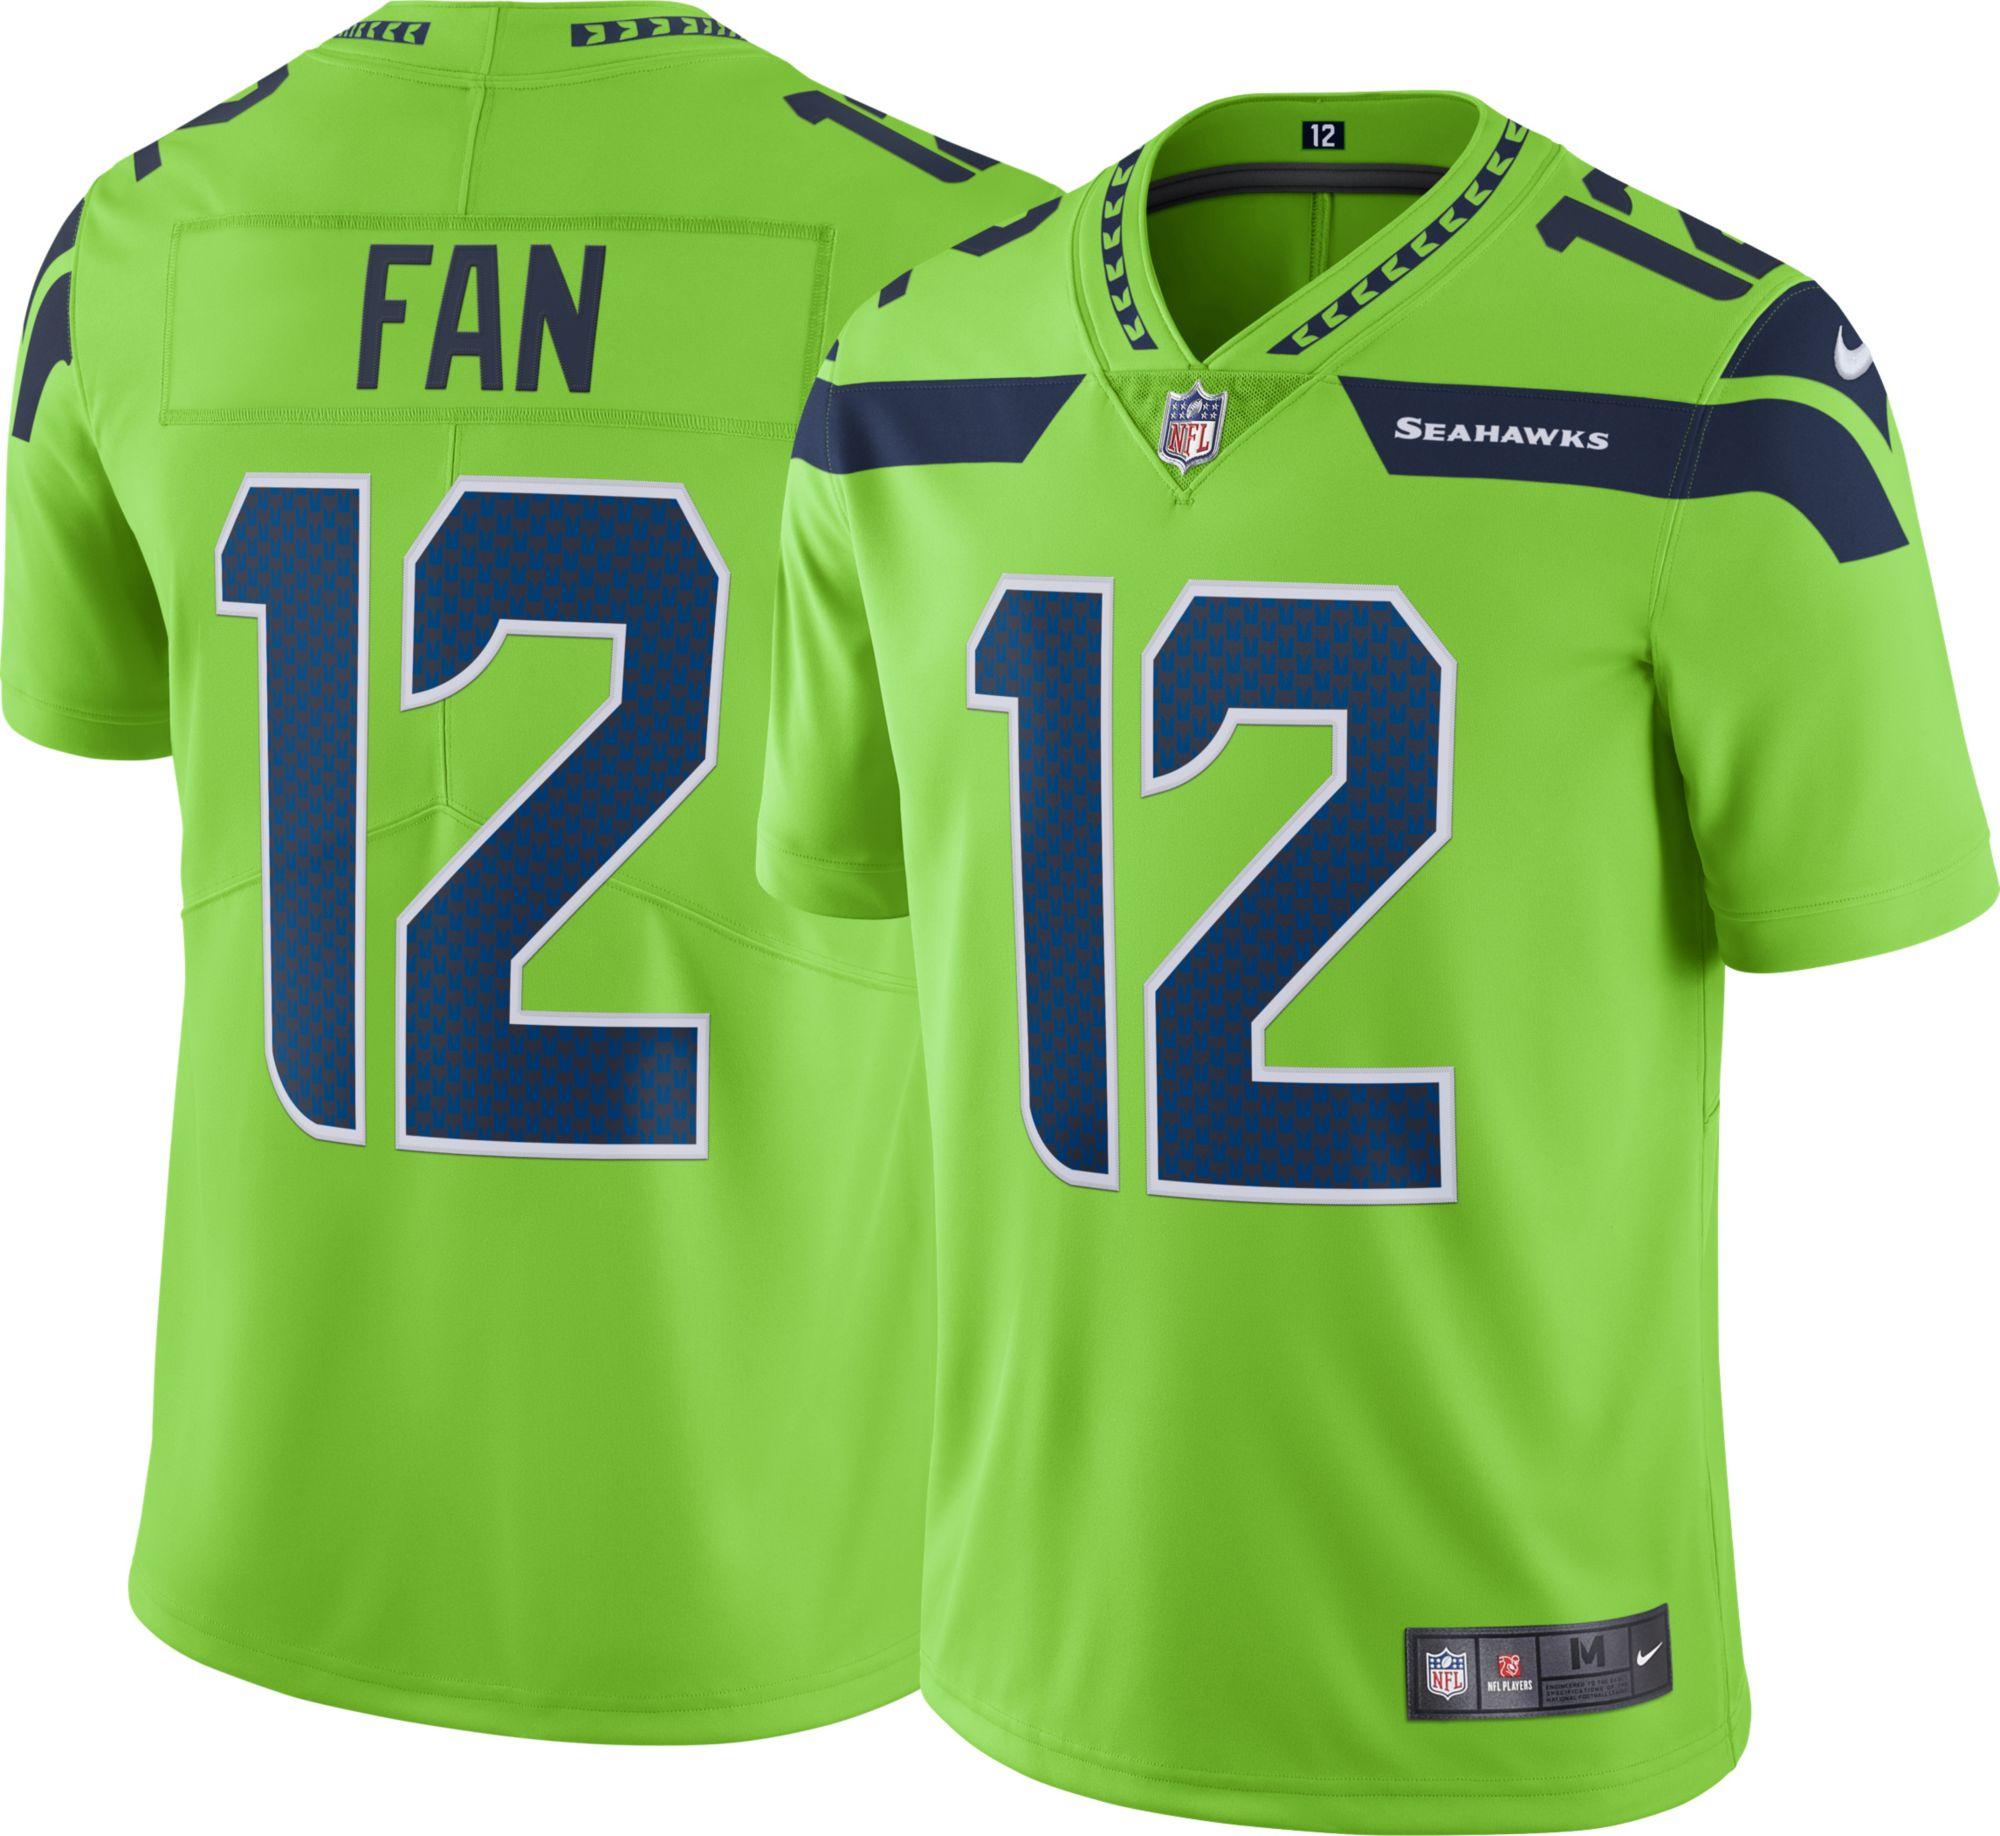 more photos ebdc1 91460 usa nike seattle seahawks 12 fan green elite jersey 6e4c9 8a1fd